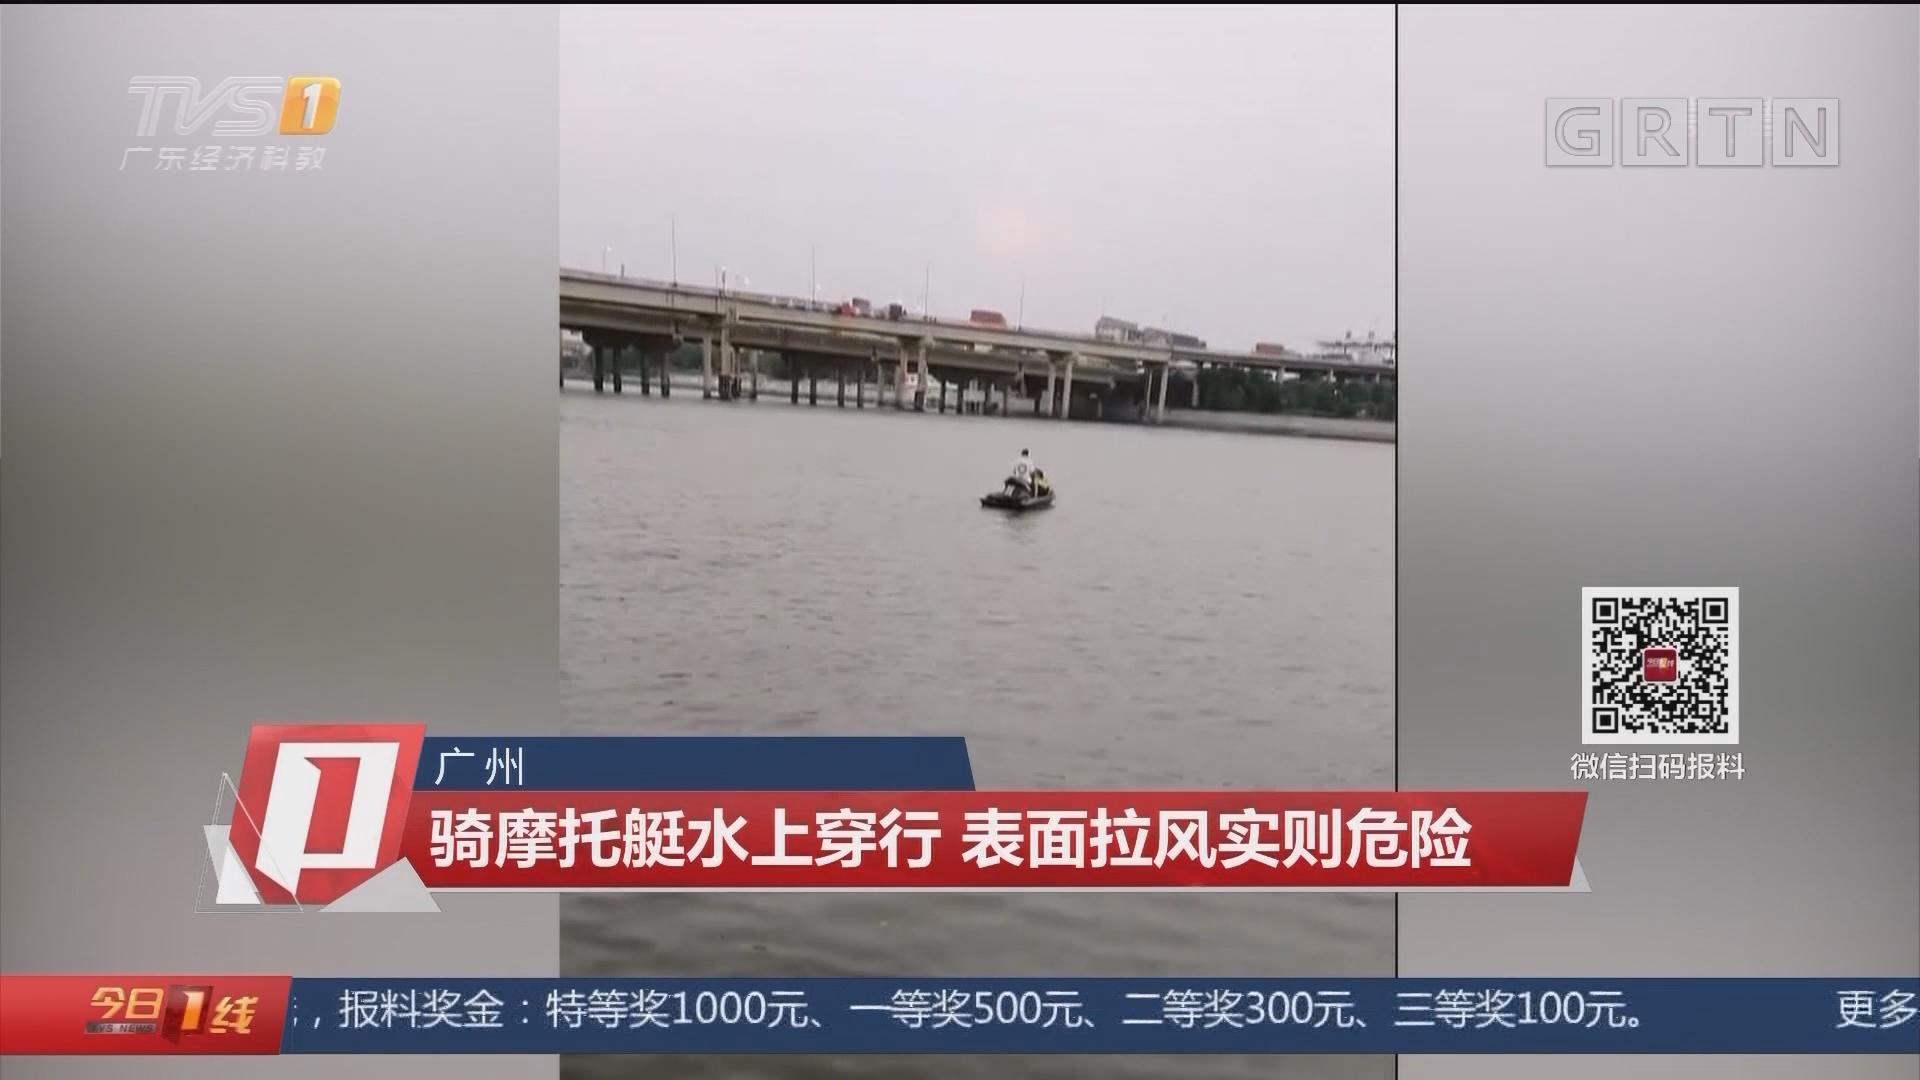 广州 骑摩托艇水上穿行 表面拉风实则危险